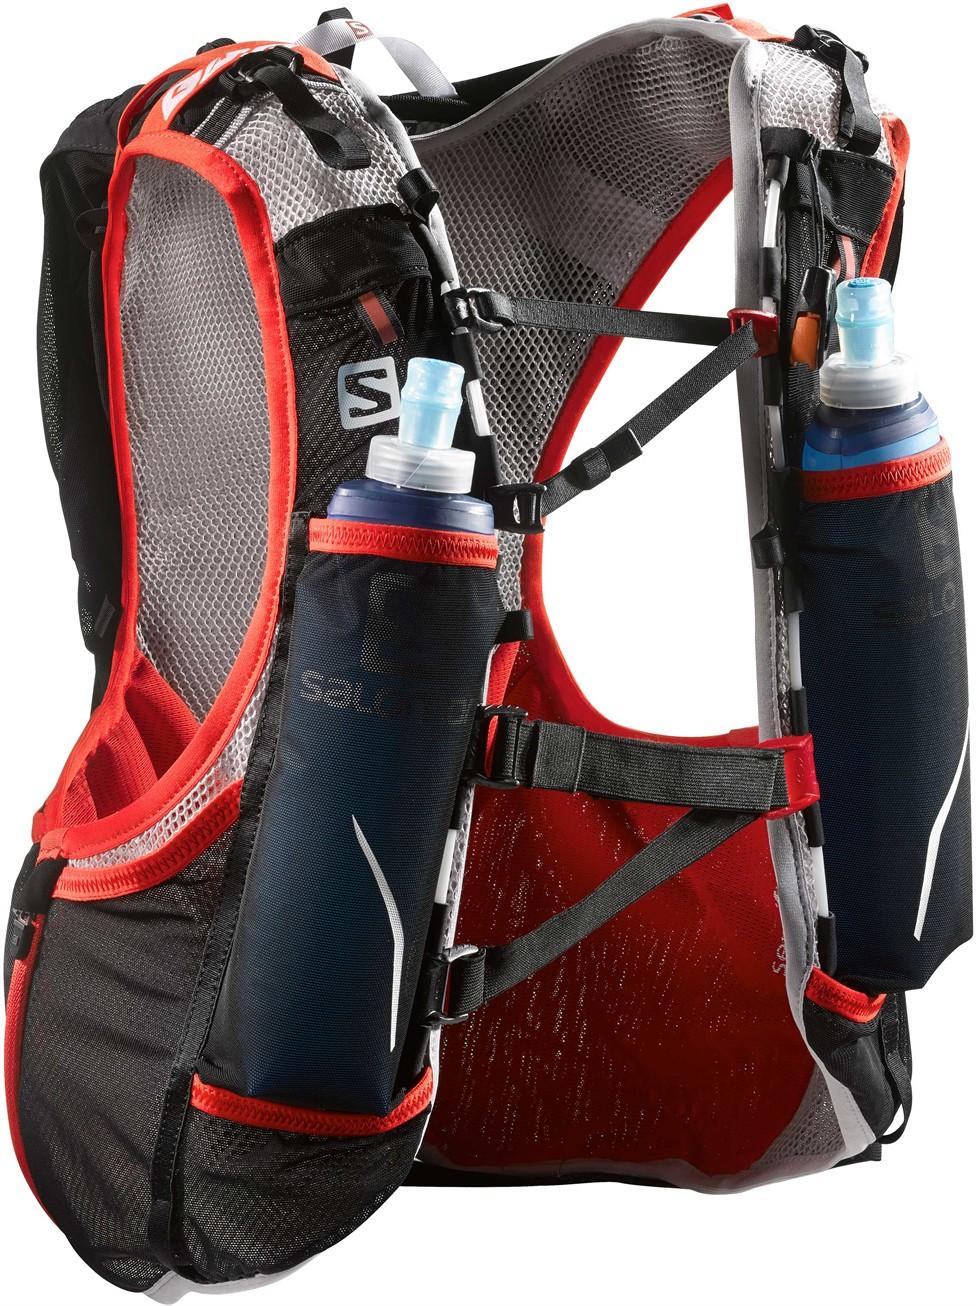 63302a97c8 Salomon Advanced Skin S-Lab 12 Set Pack Review | edwardsousa